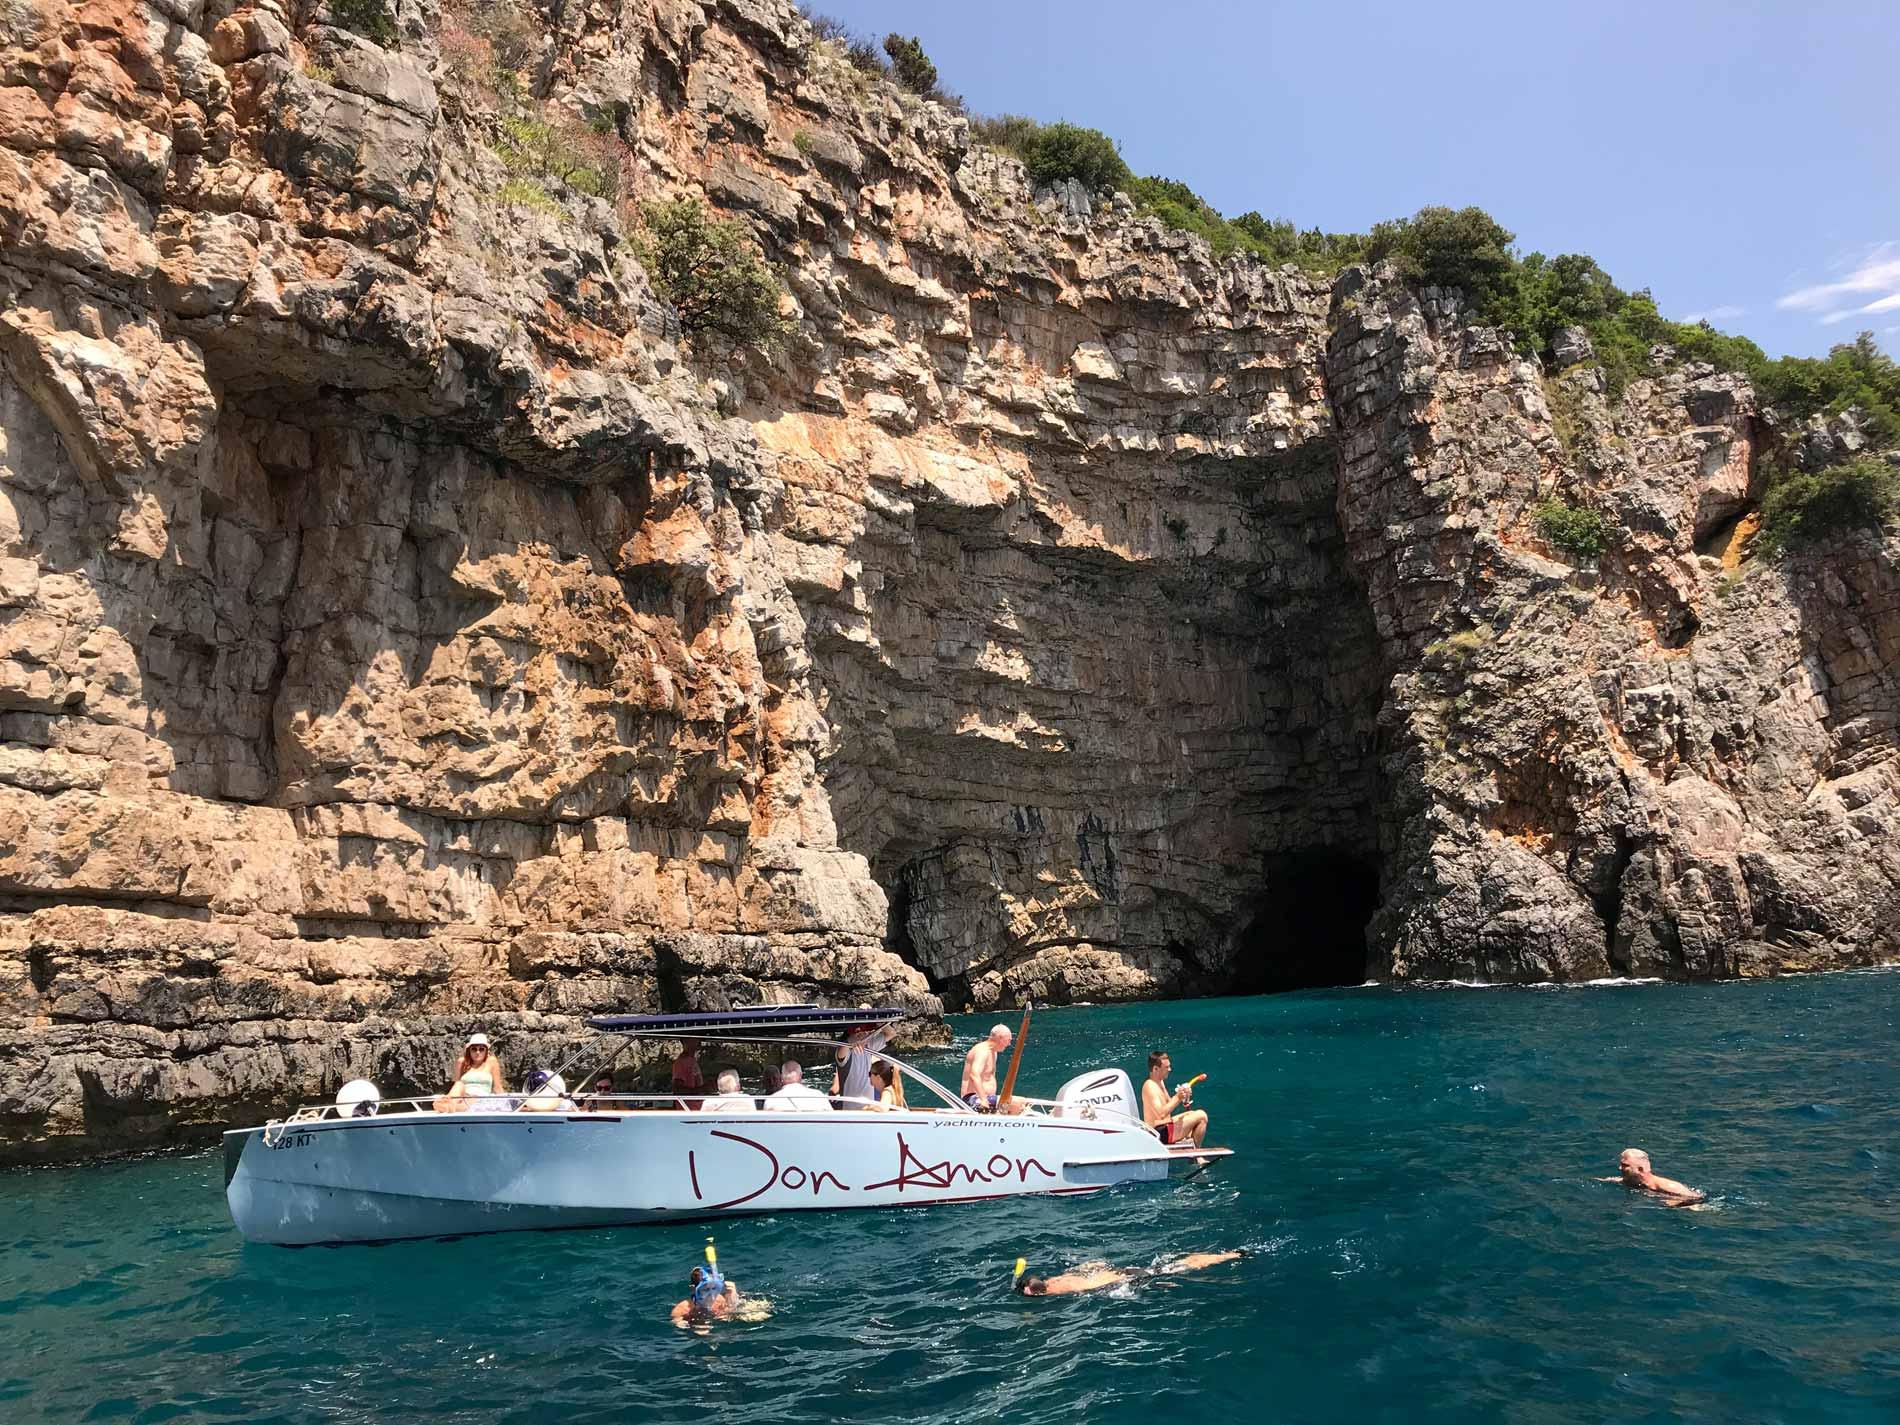 Mar-Adriatico-Bocche-di-Cattaro-Montenegro-Grotta-Azzurra-Plava-spilja-esterno-motoscafo-bagnanti